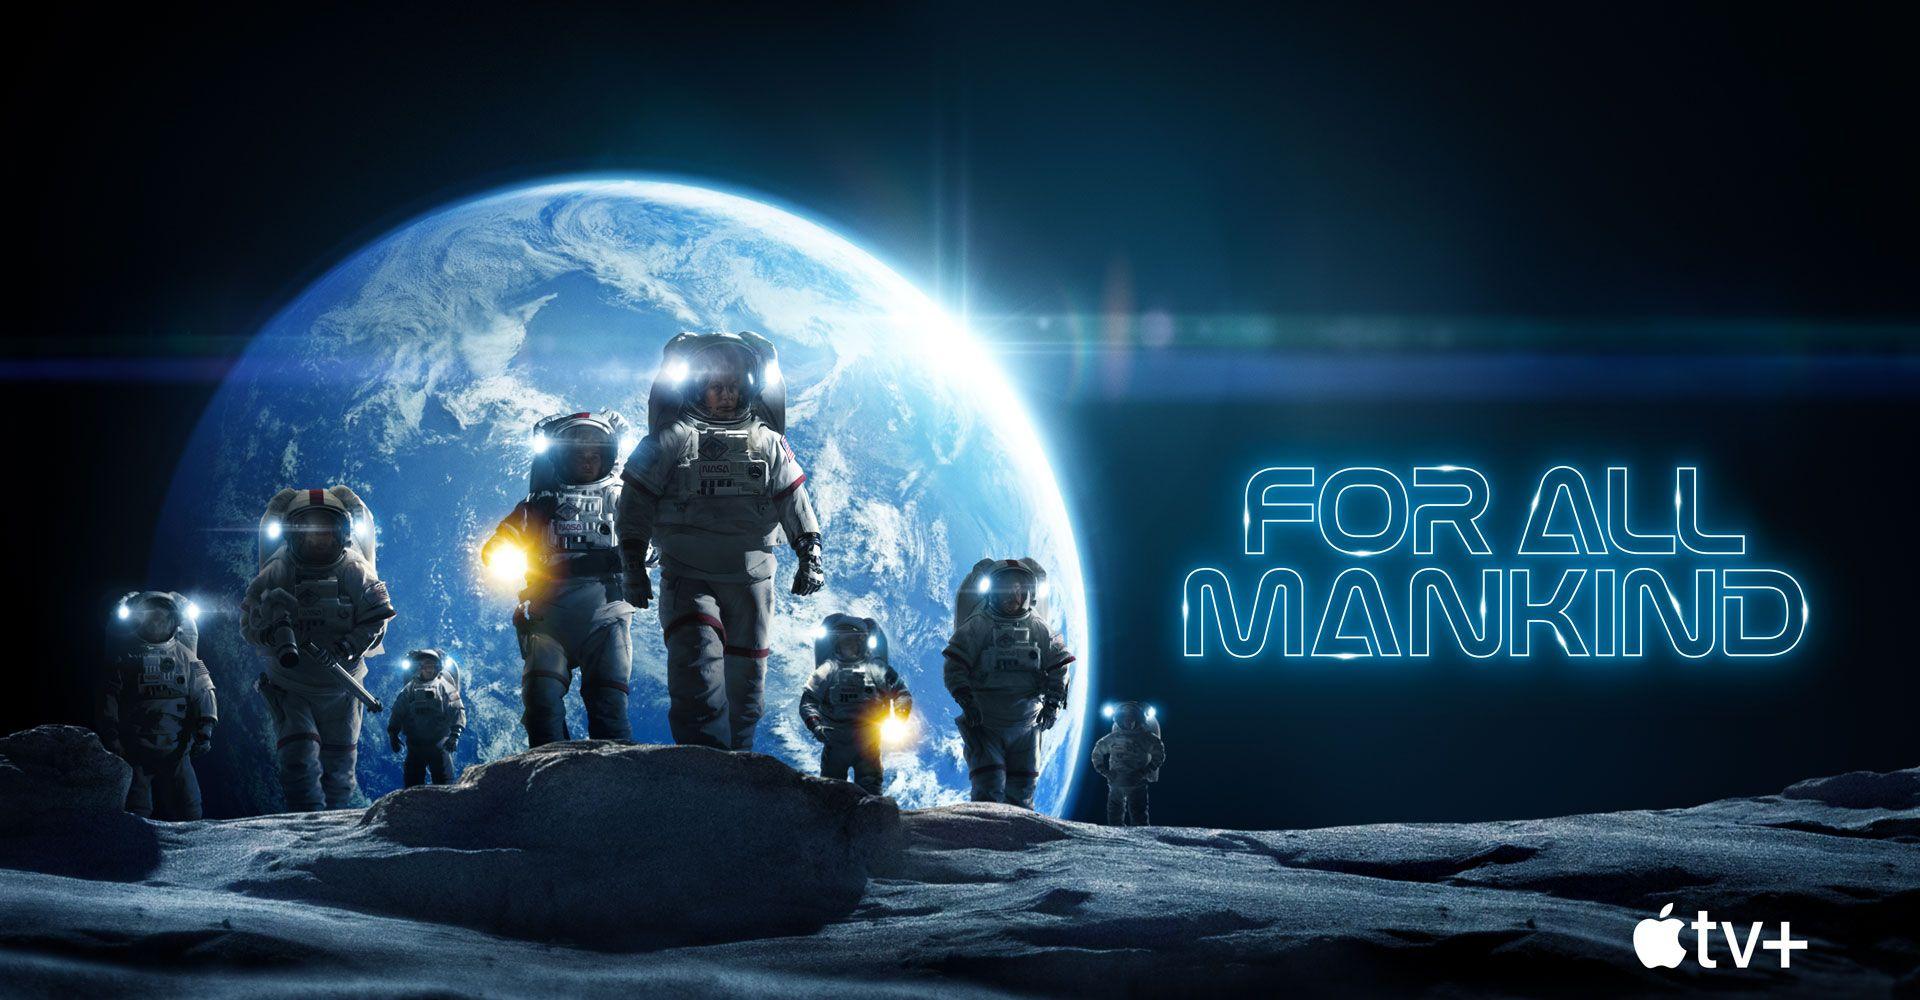 """Promobild zu Staffel 2 von """"For All Mankind""""."""